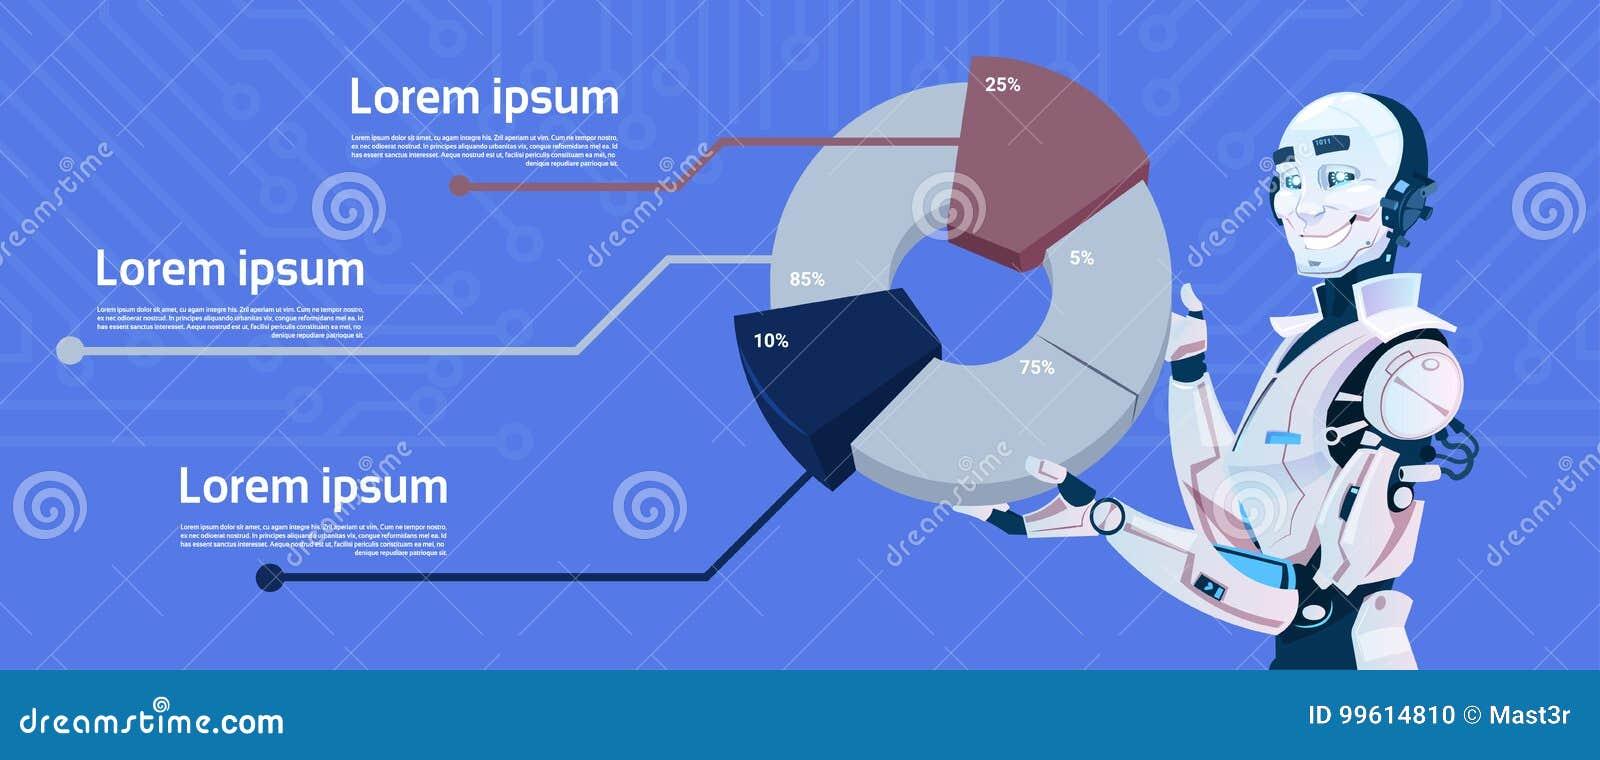 Diagrama gráfico del control moderno del robot, tecnología futurista del mecanismo de la inteligencia artificial